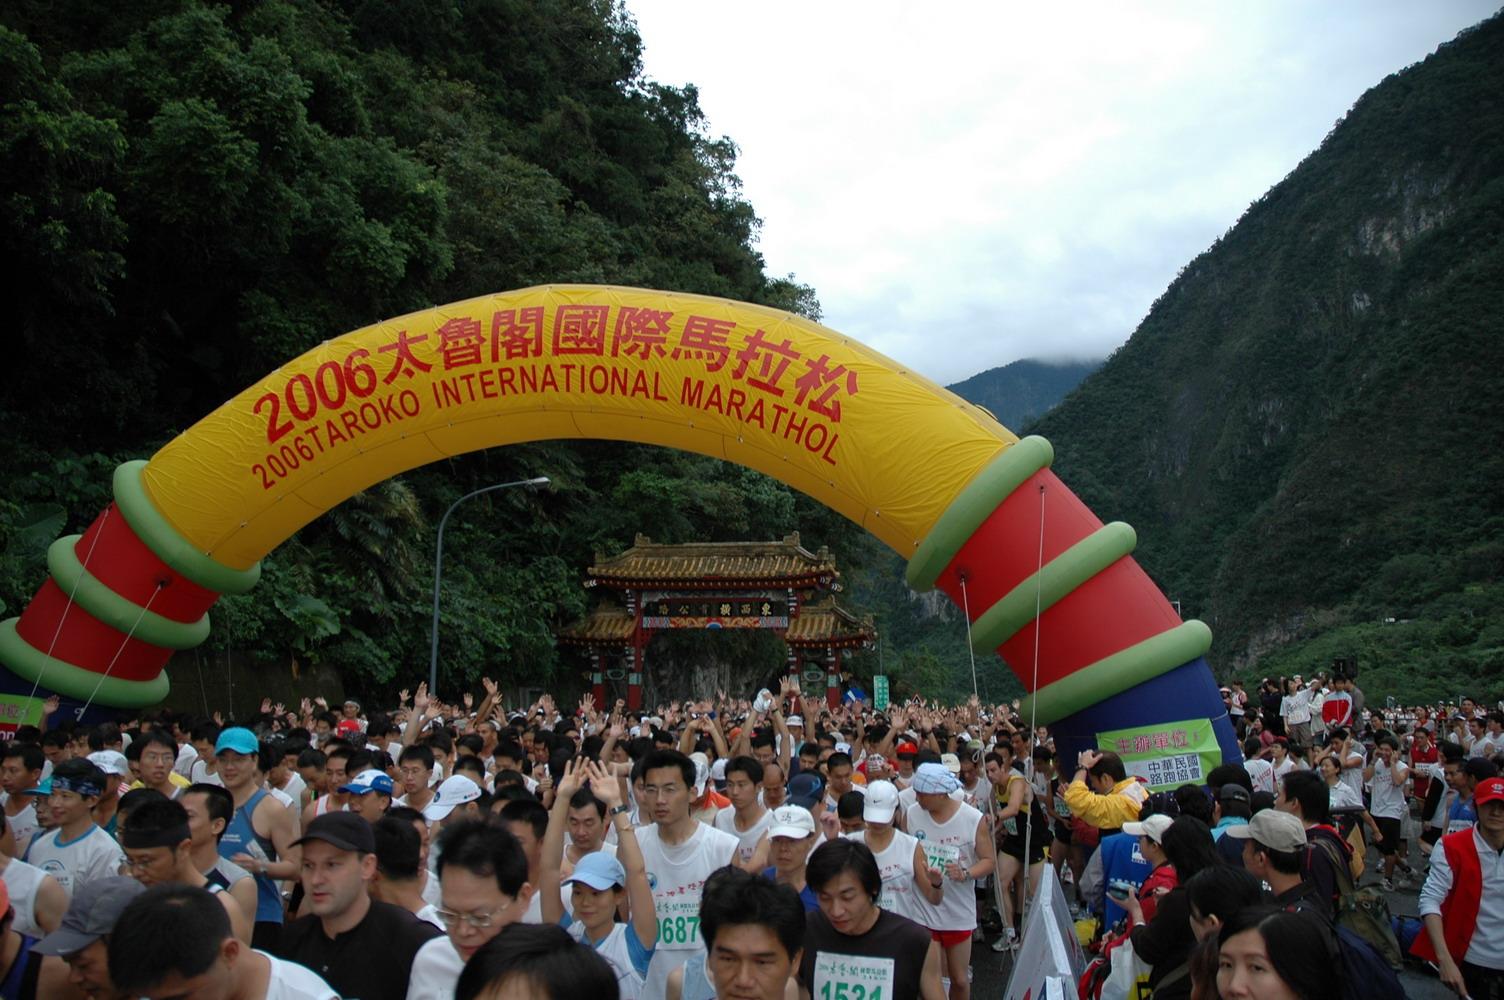 タロコ渓谷マラソン